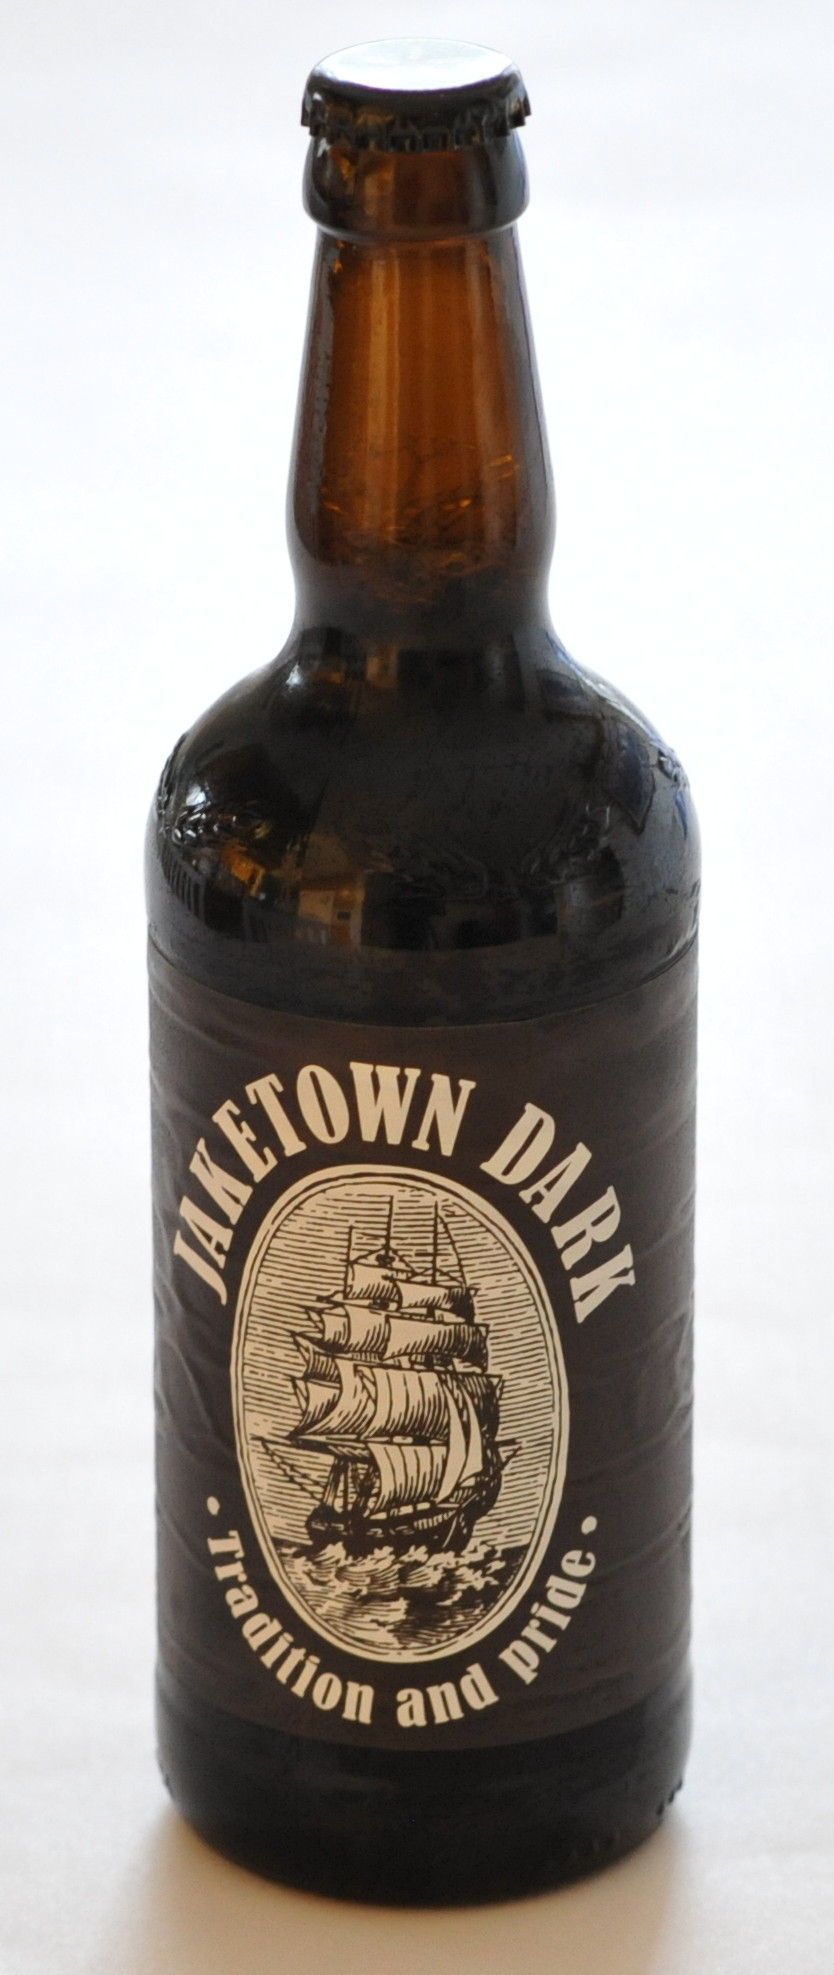 Jaketown Dark